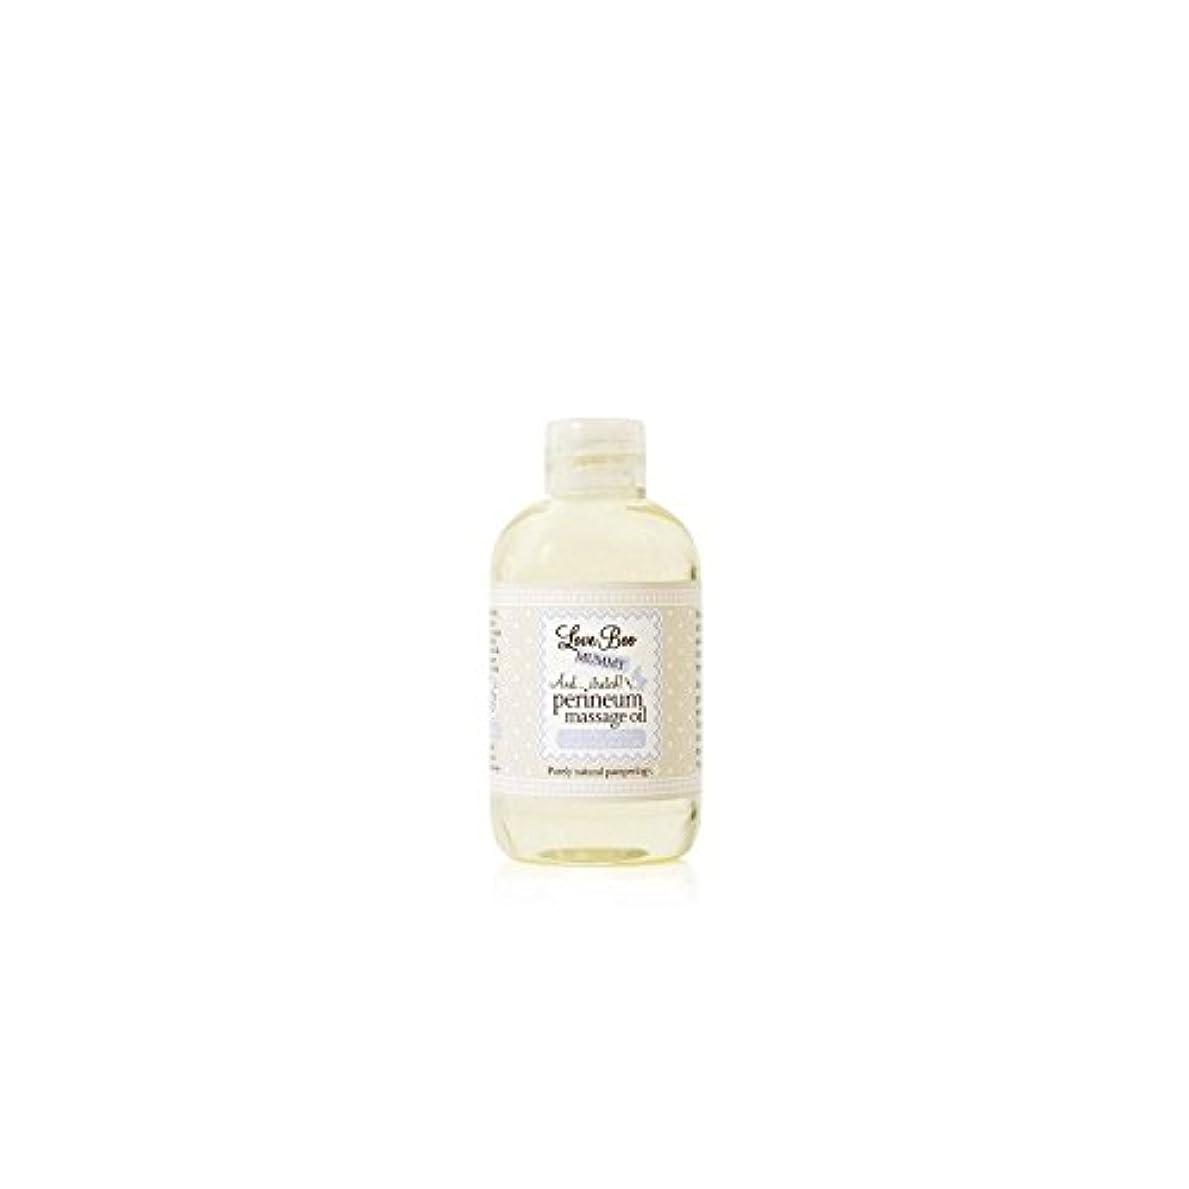 技術的なに対応グリットLove Boo Perineum Massage Oil (100ml) - 会陰マッサージオイル(100)にブーイングの愛 [並行輸入品]